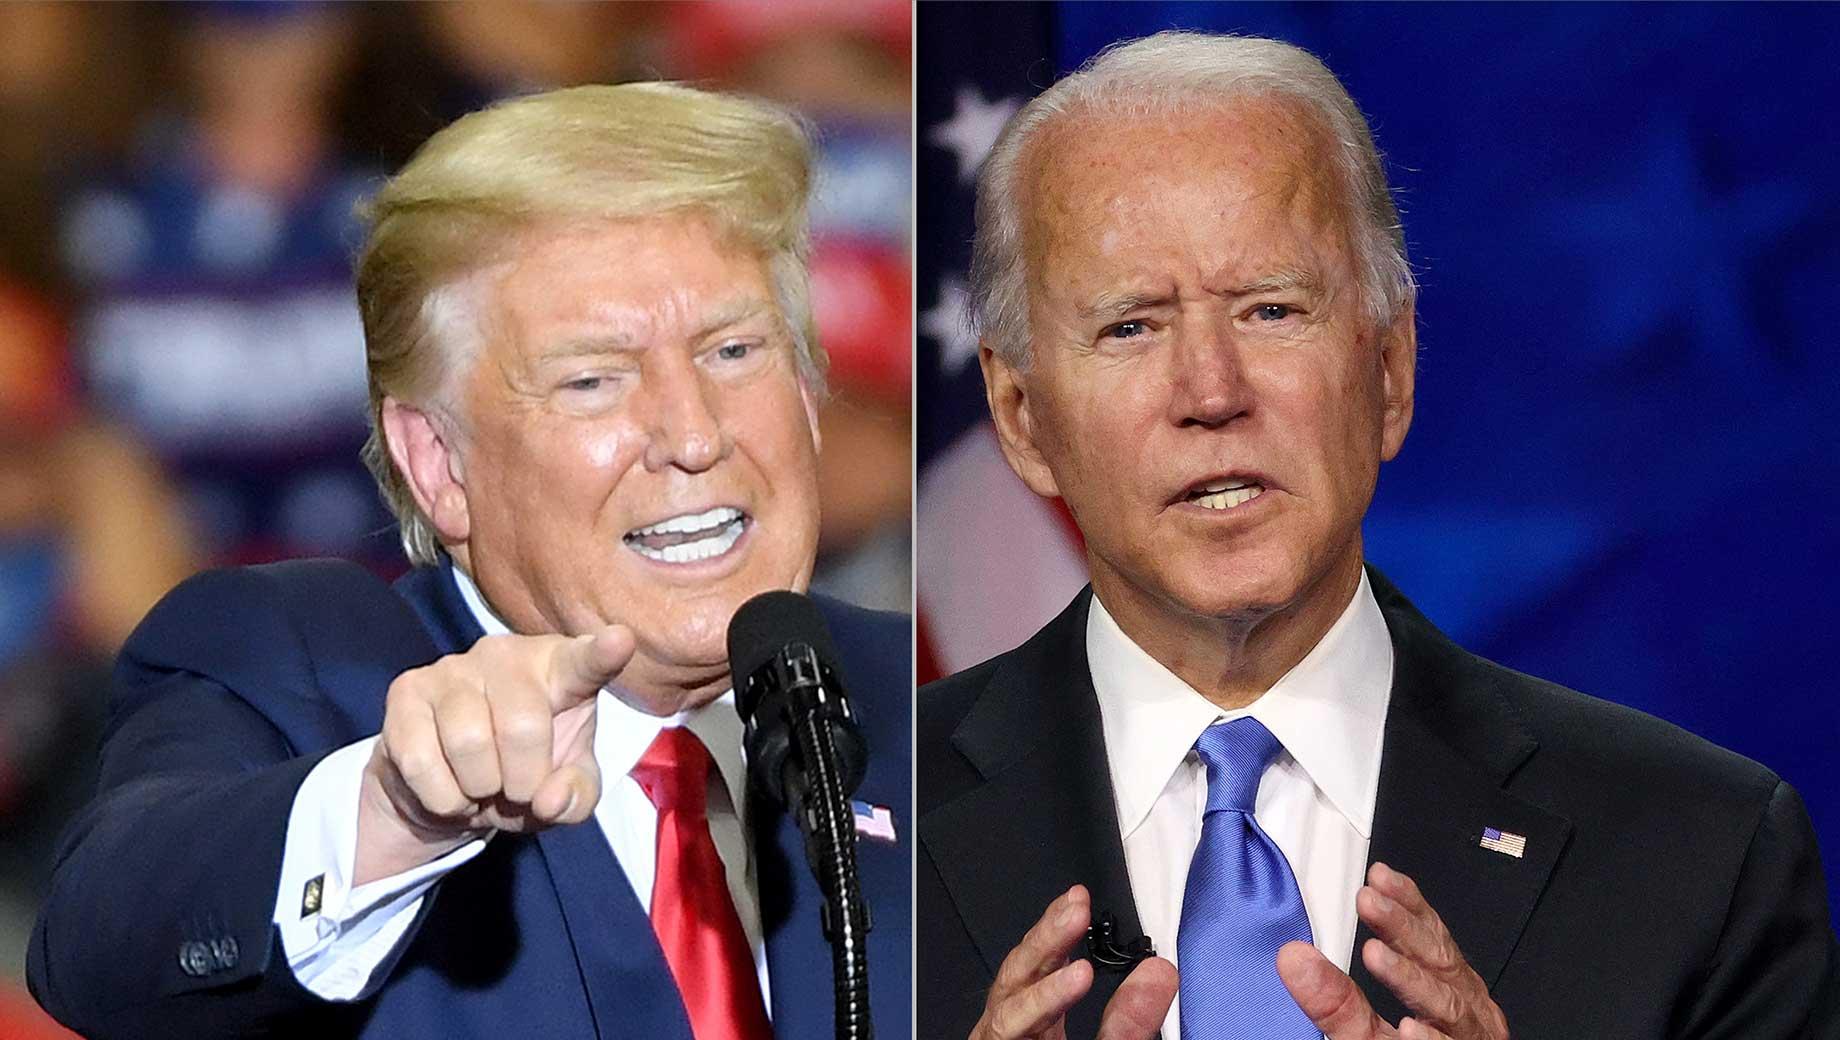 Trump, Biden Favorable Ratings Both Below 50%